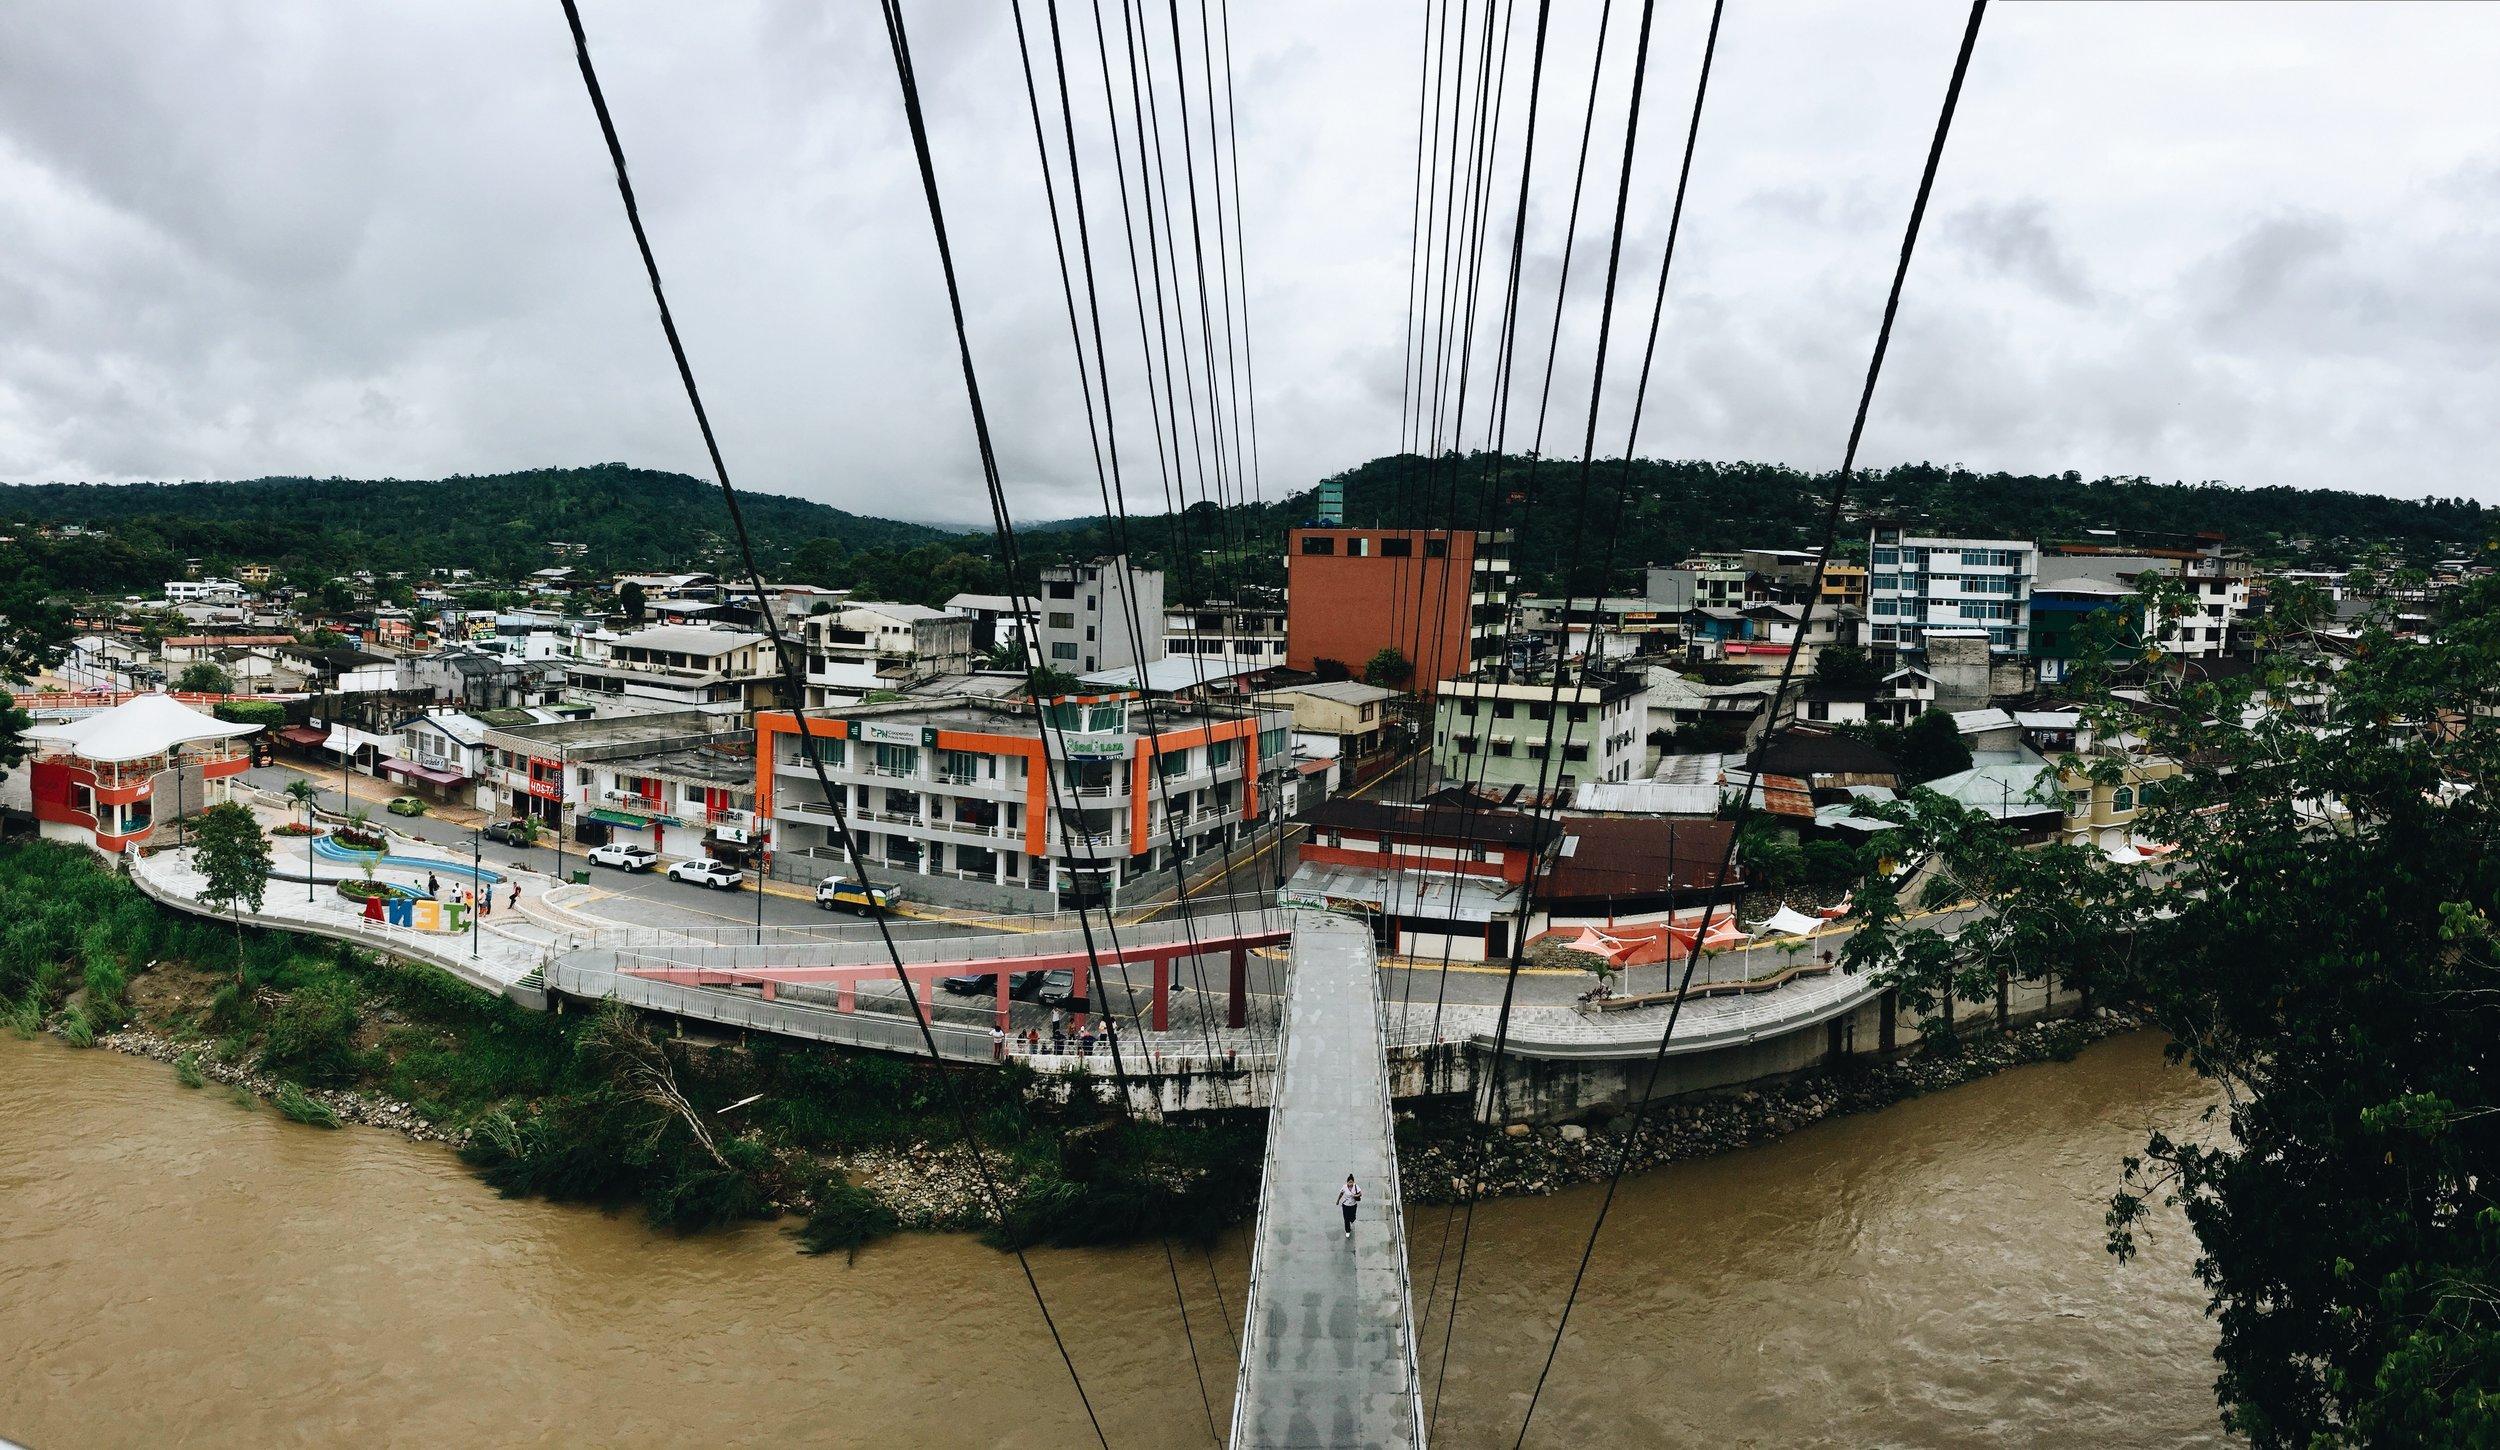 Tena, Napo, Ecuador